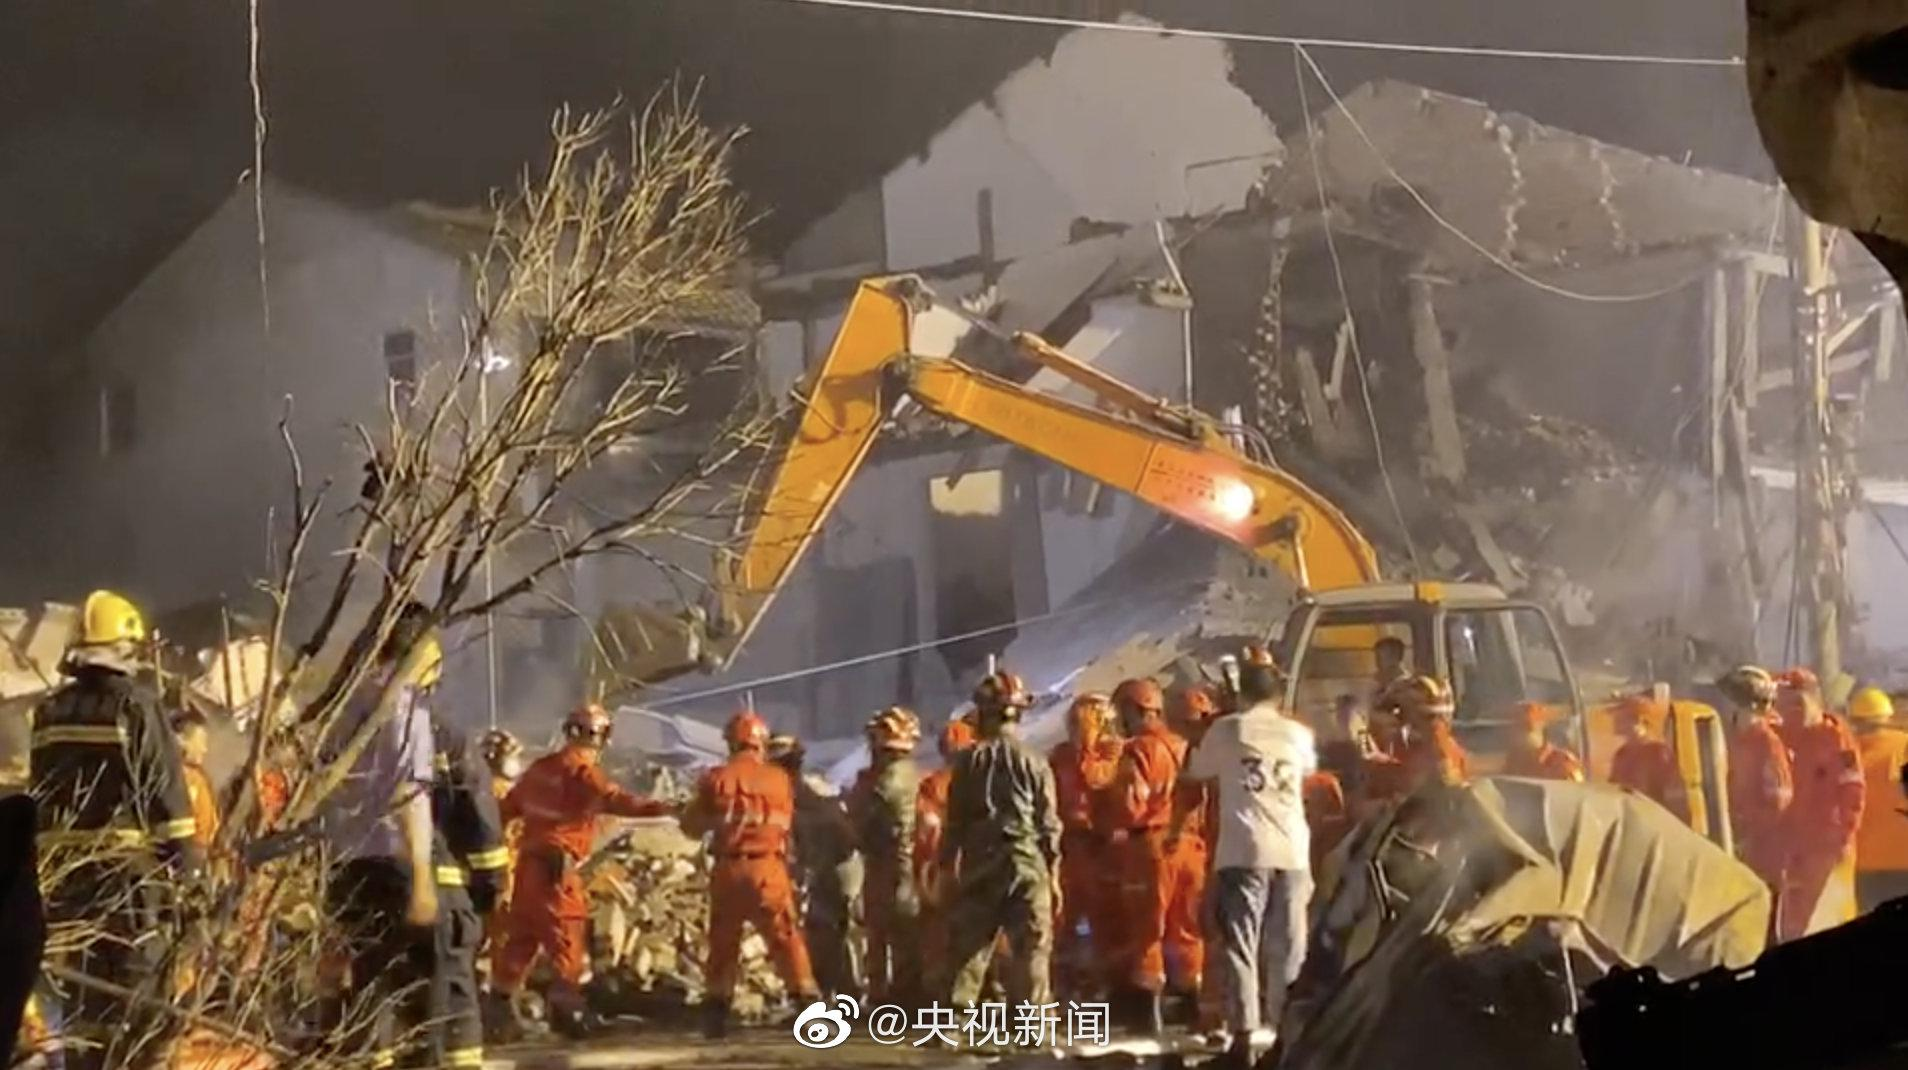 急转!消防提醒:请不要前往浙江大溪!!!图片